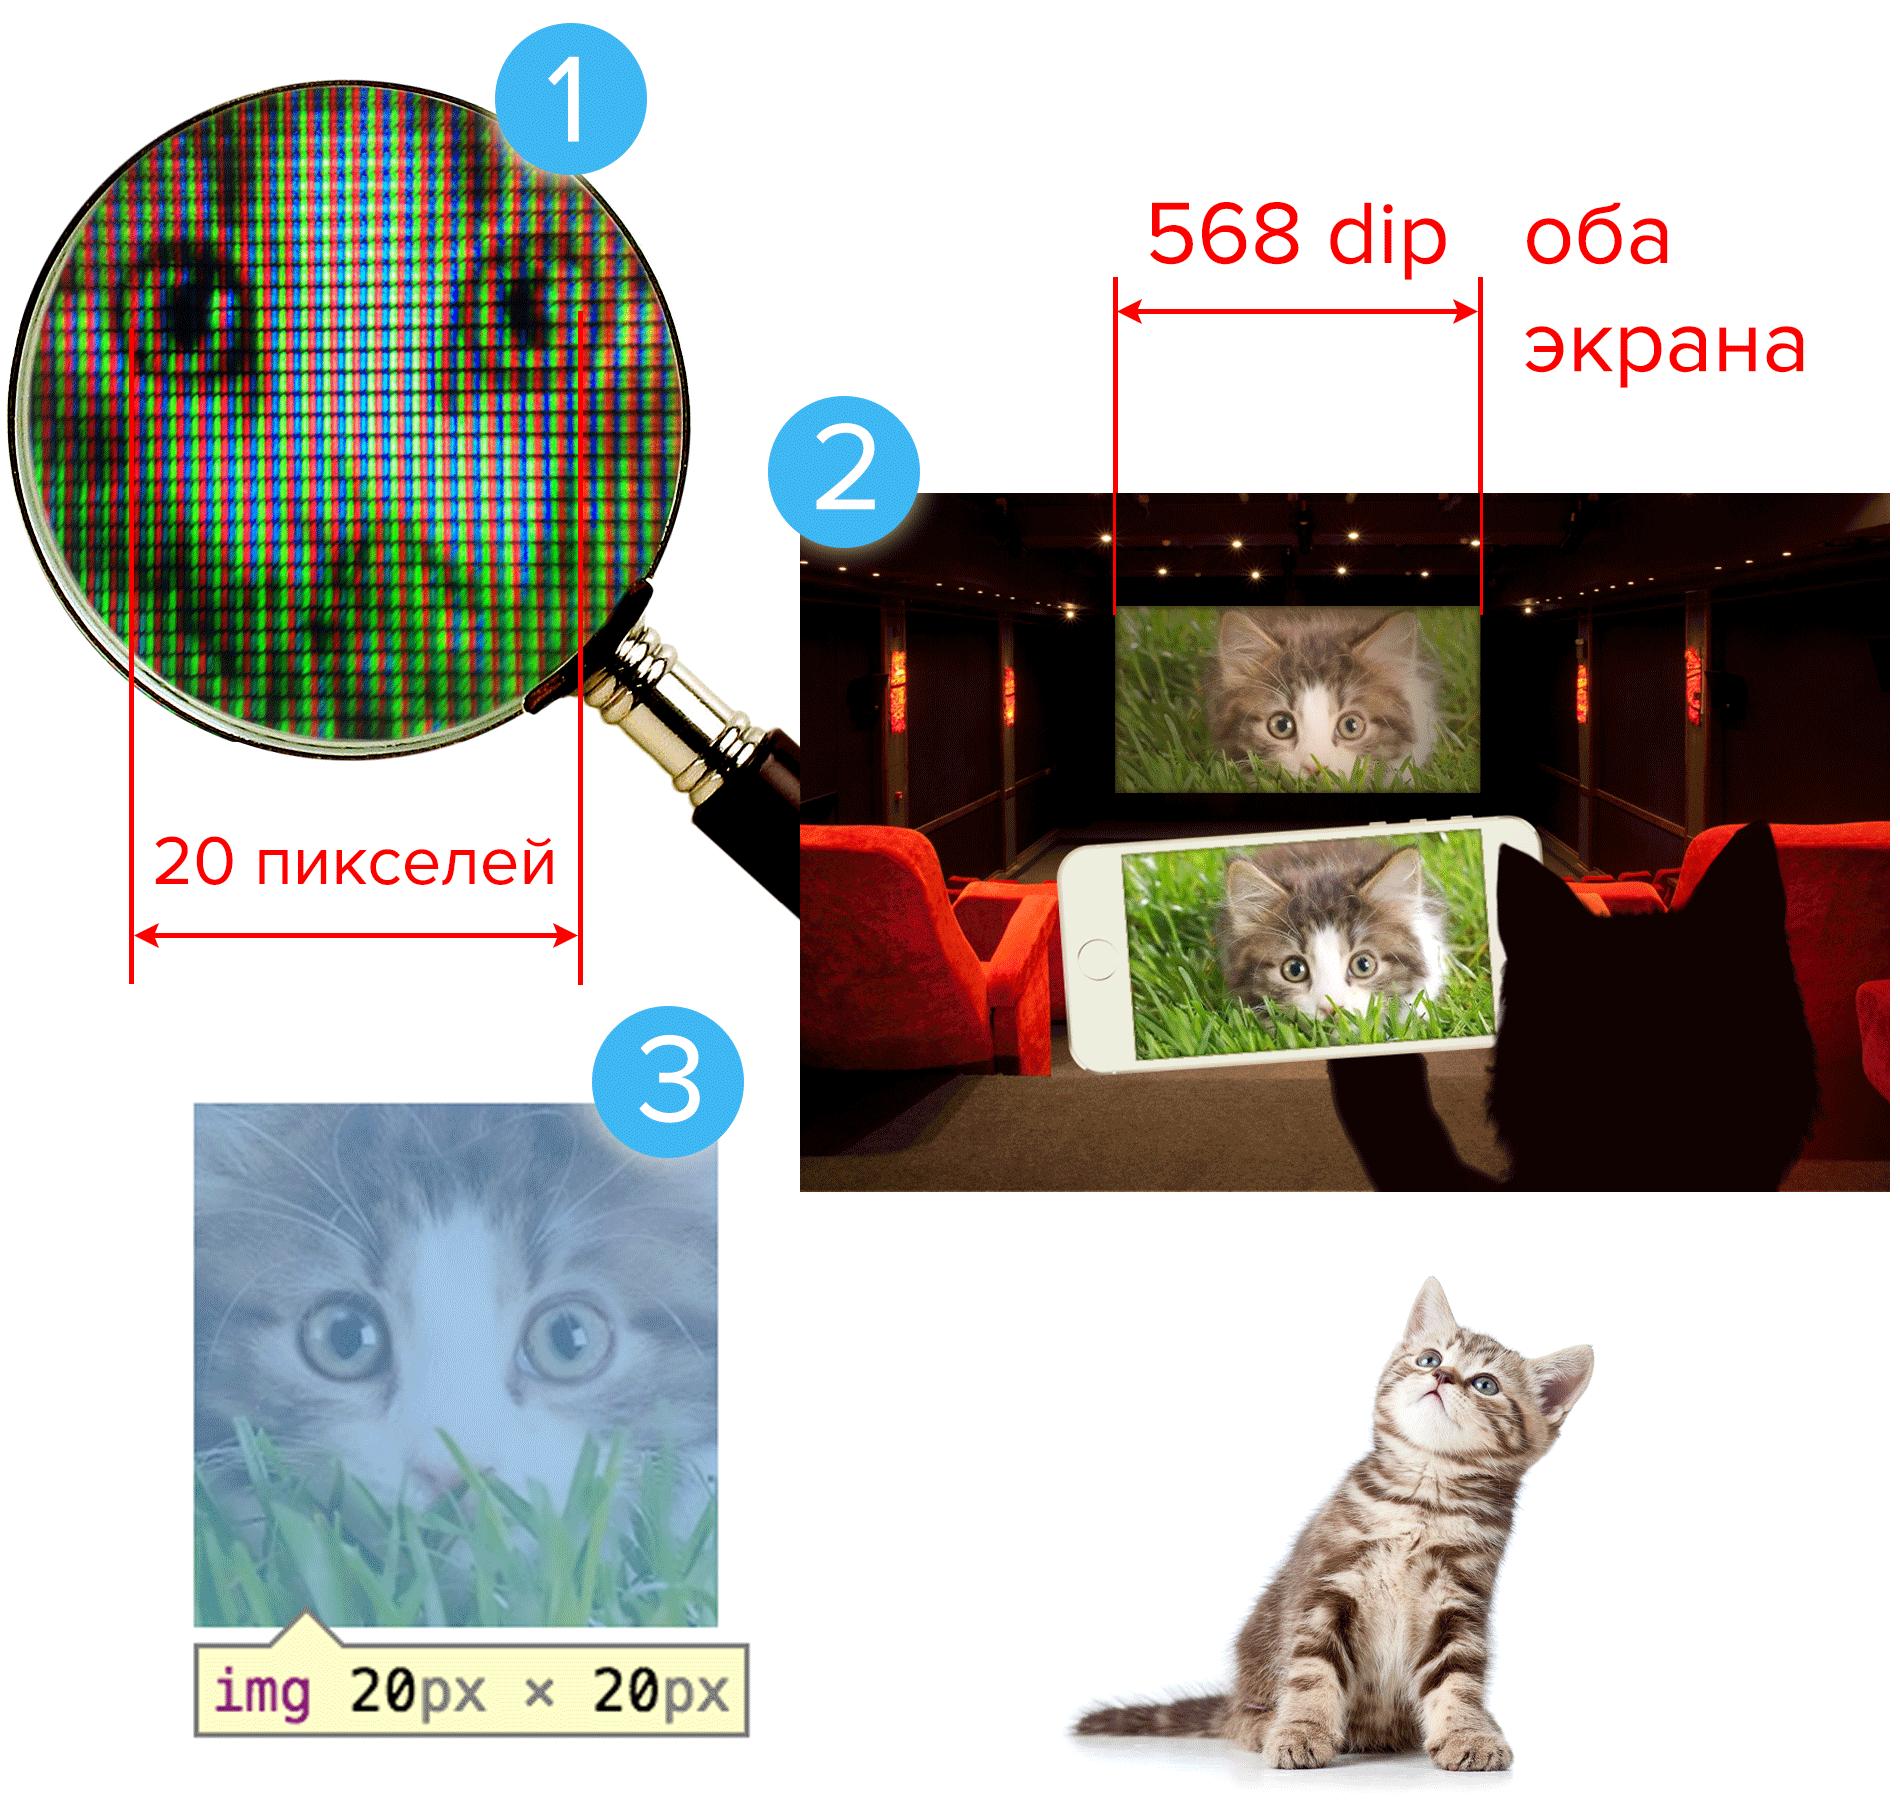 могут это что такое пиксель определение для фото даны инструкции разных